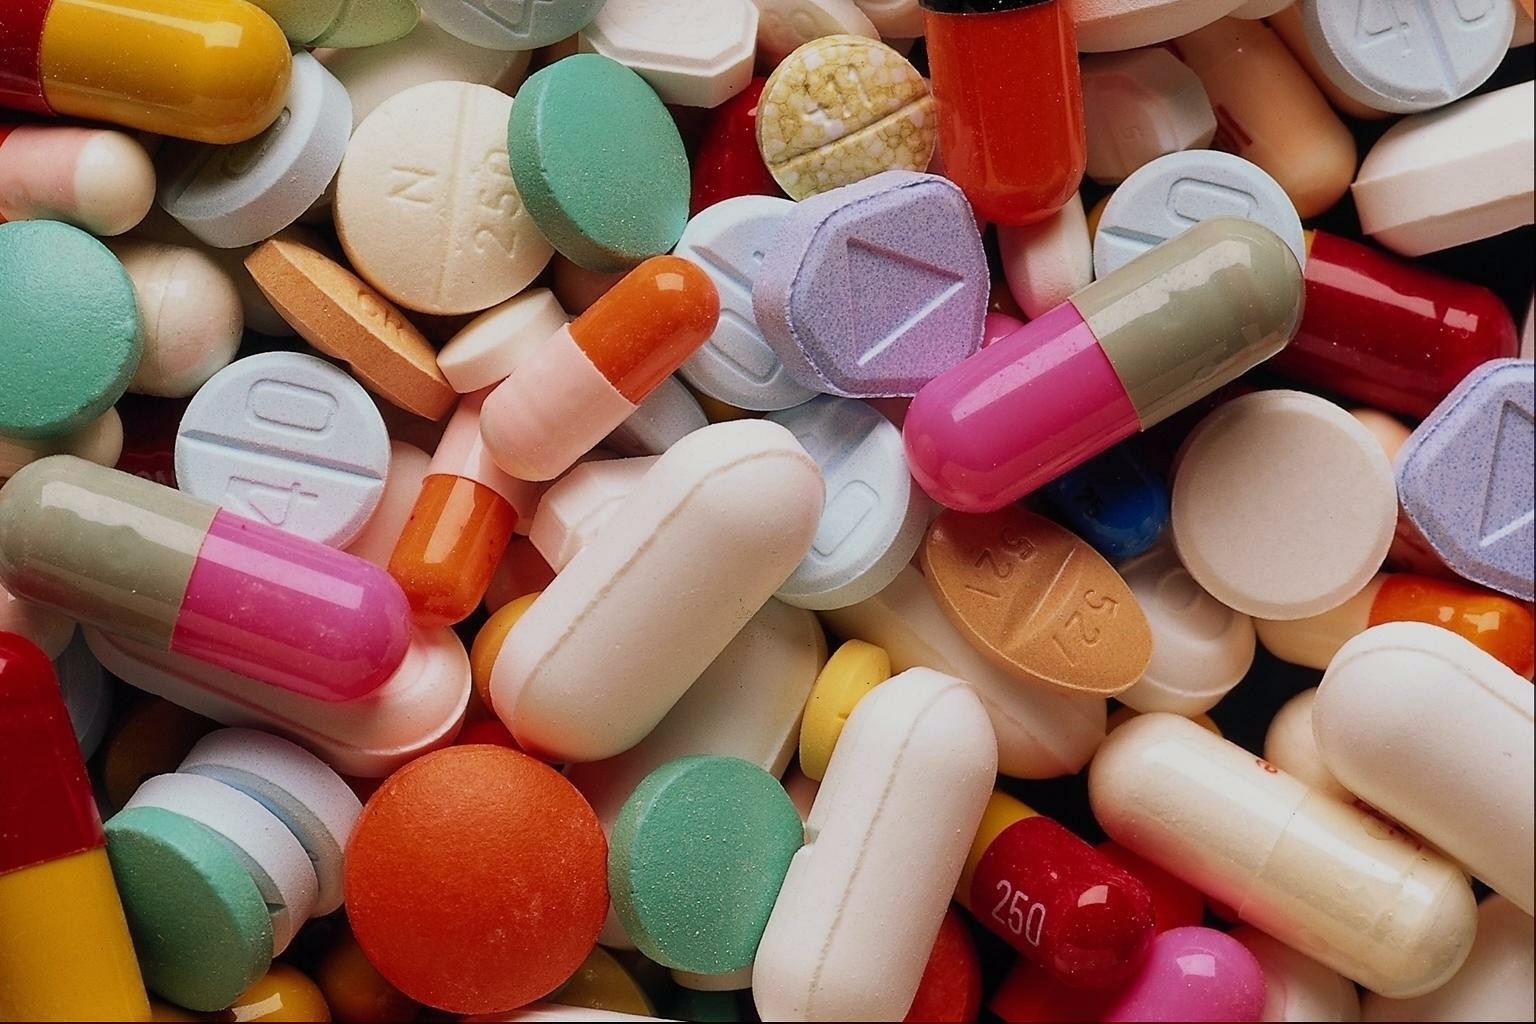 Венесуэла получила 65 тонн медикаментов от Китая